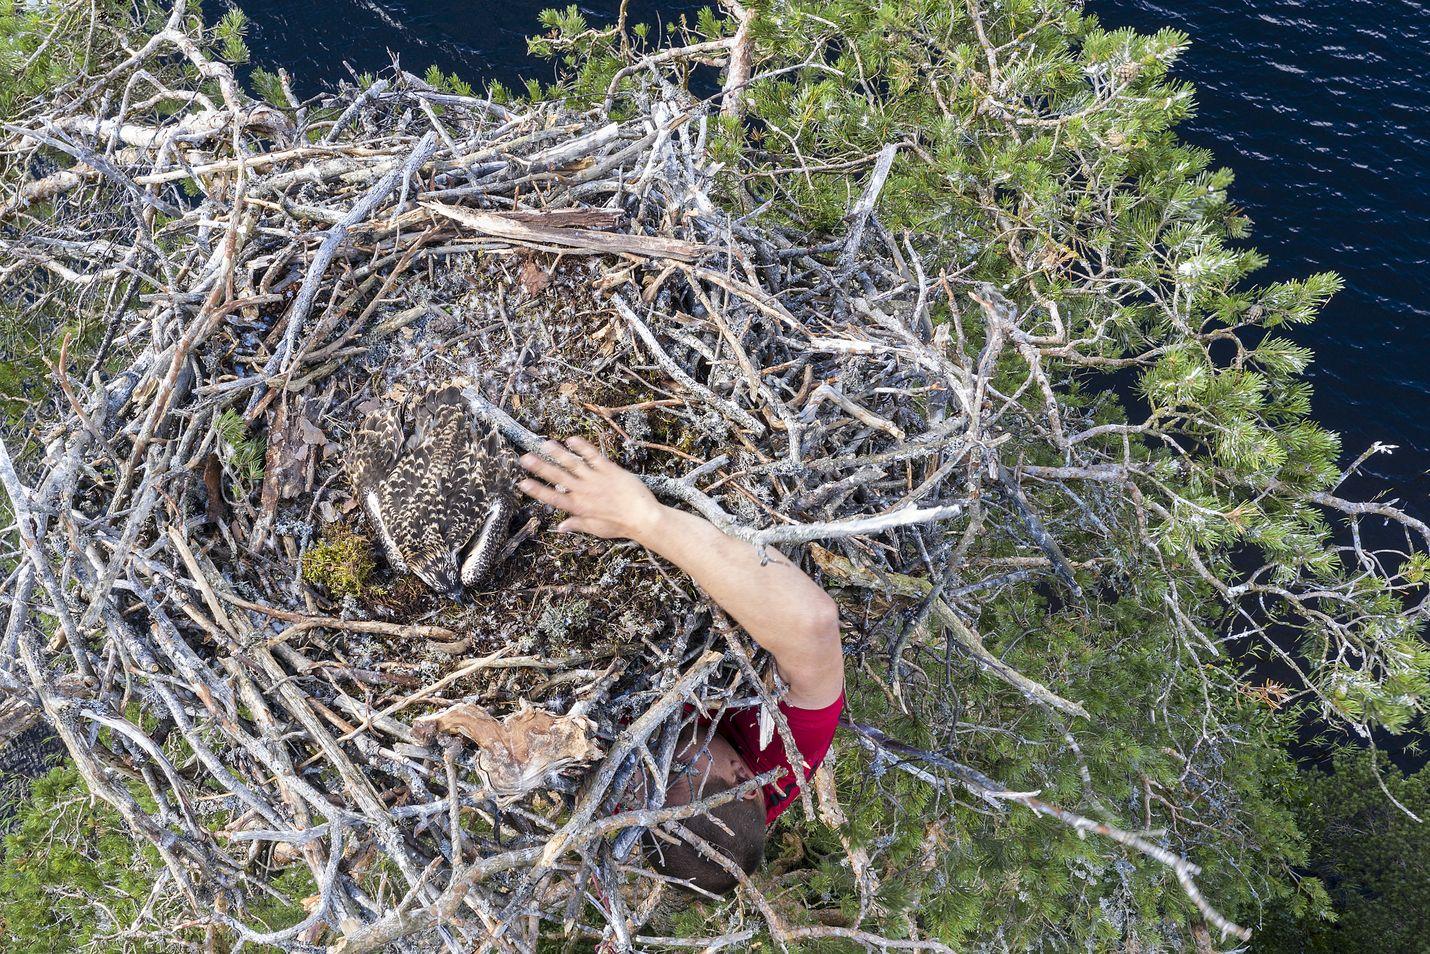 Lähes 20 metriin kiipeävä Otso Karhumäki nappaa kalasääsken poikaset käsillä tunnustelemalla, koska latvassa olevaan pesään ei näe sen alapuolelta.